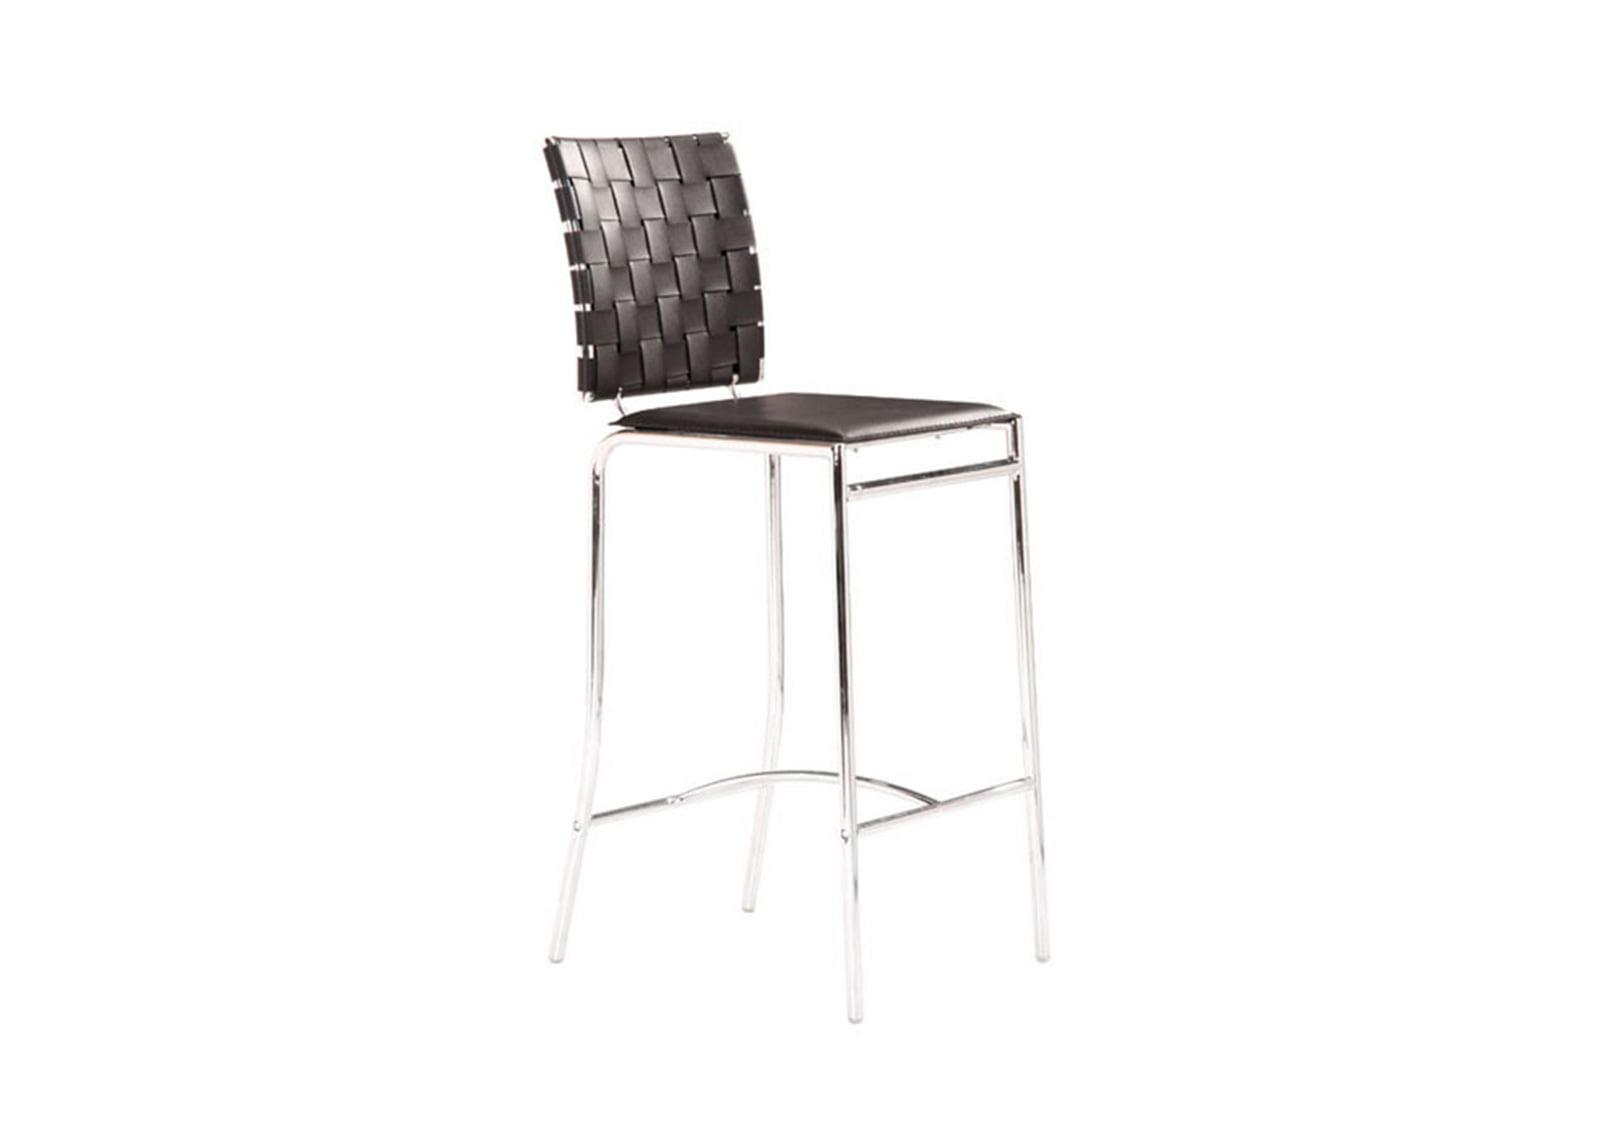 Criss Cross Counter Chair